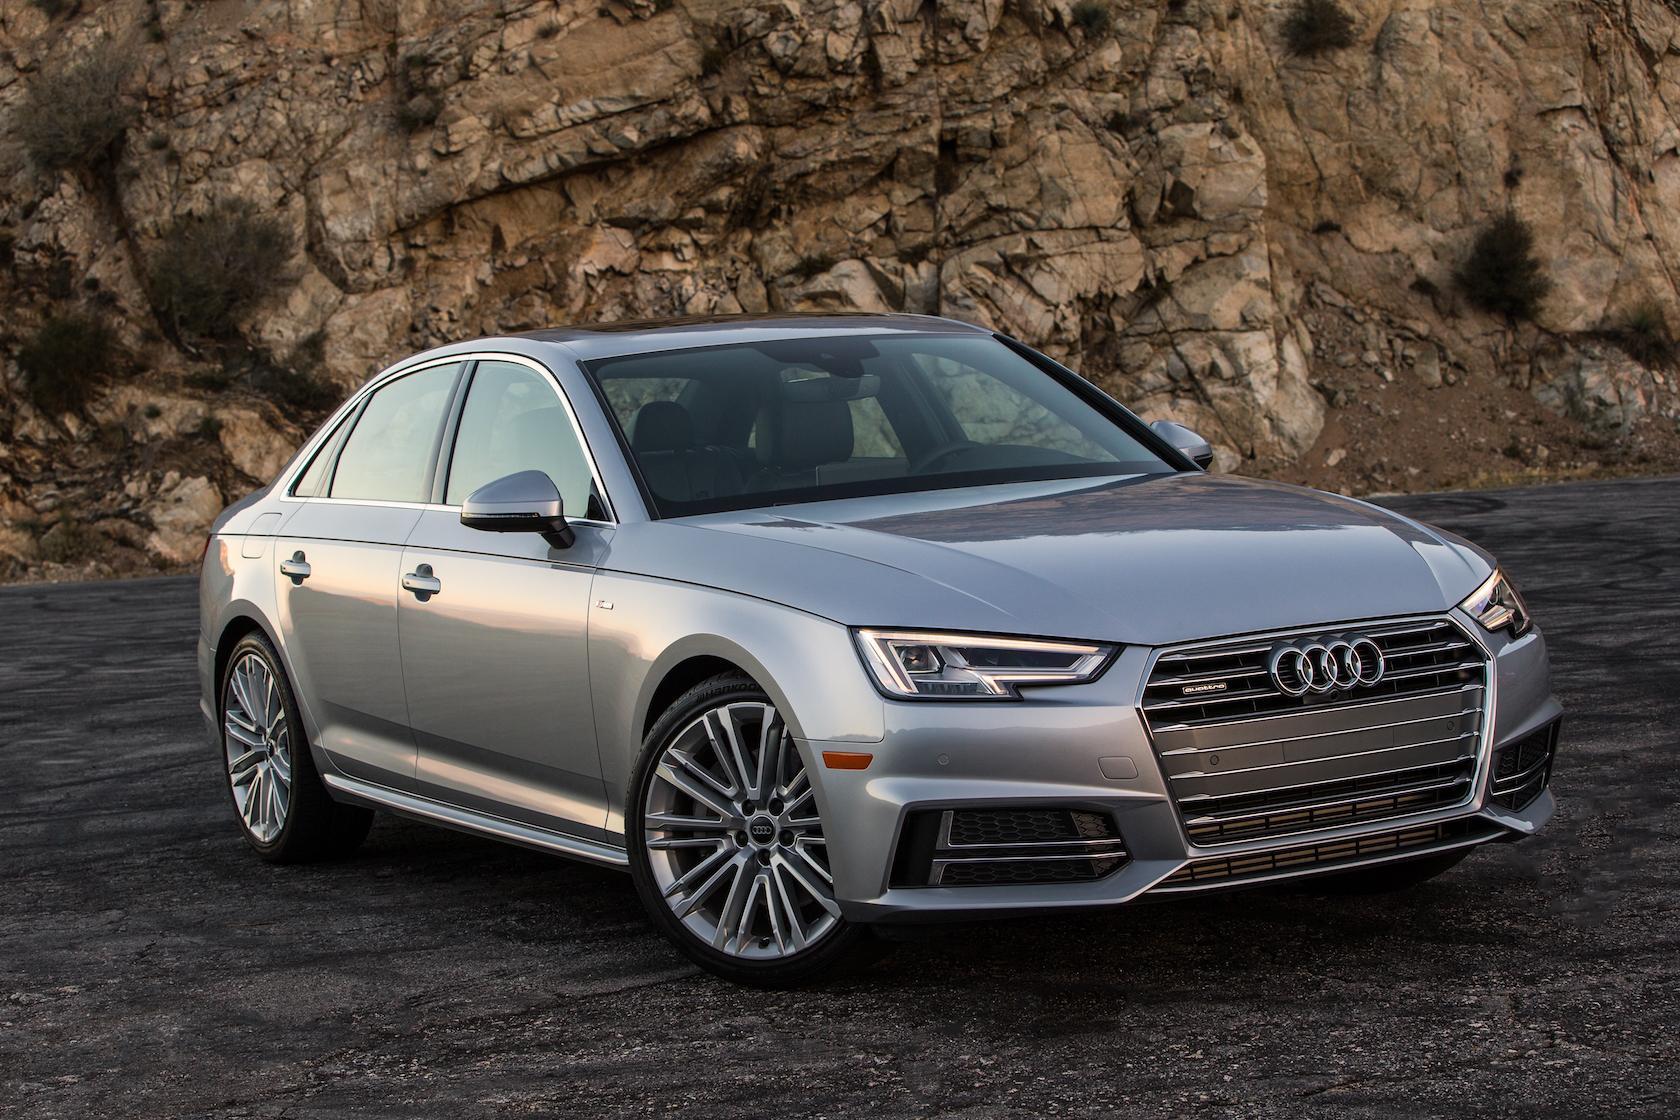 Kelebihan Kekurangan Audi 2017 Spesifikasi